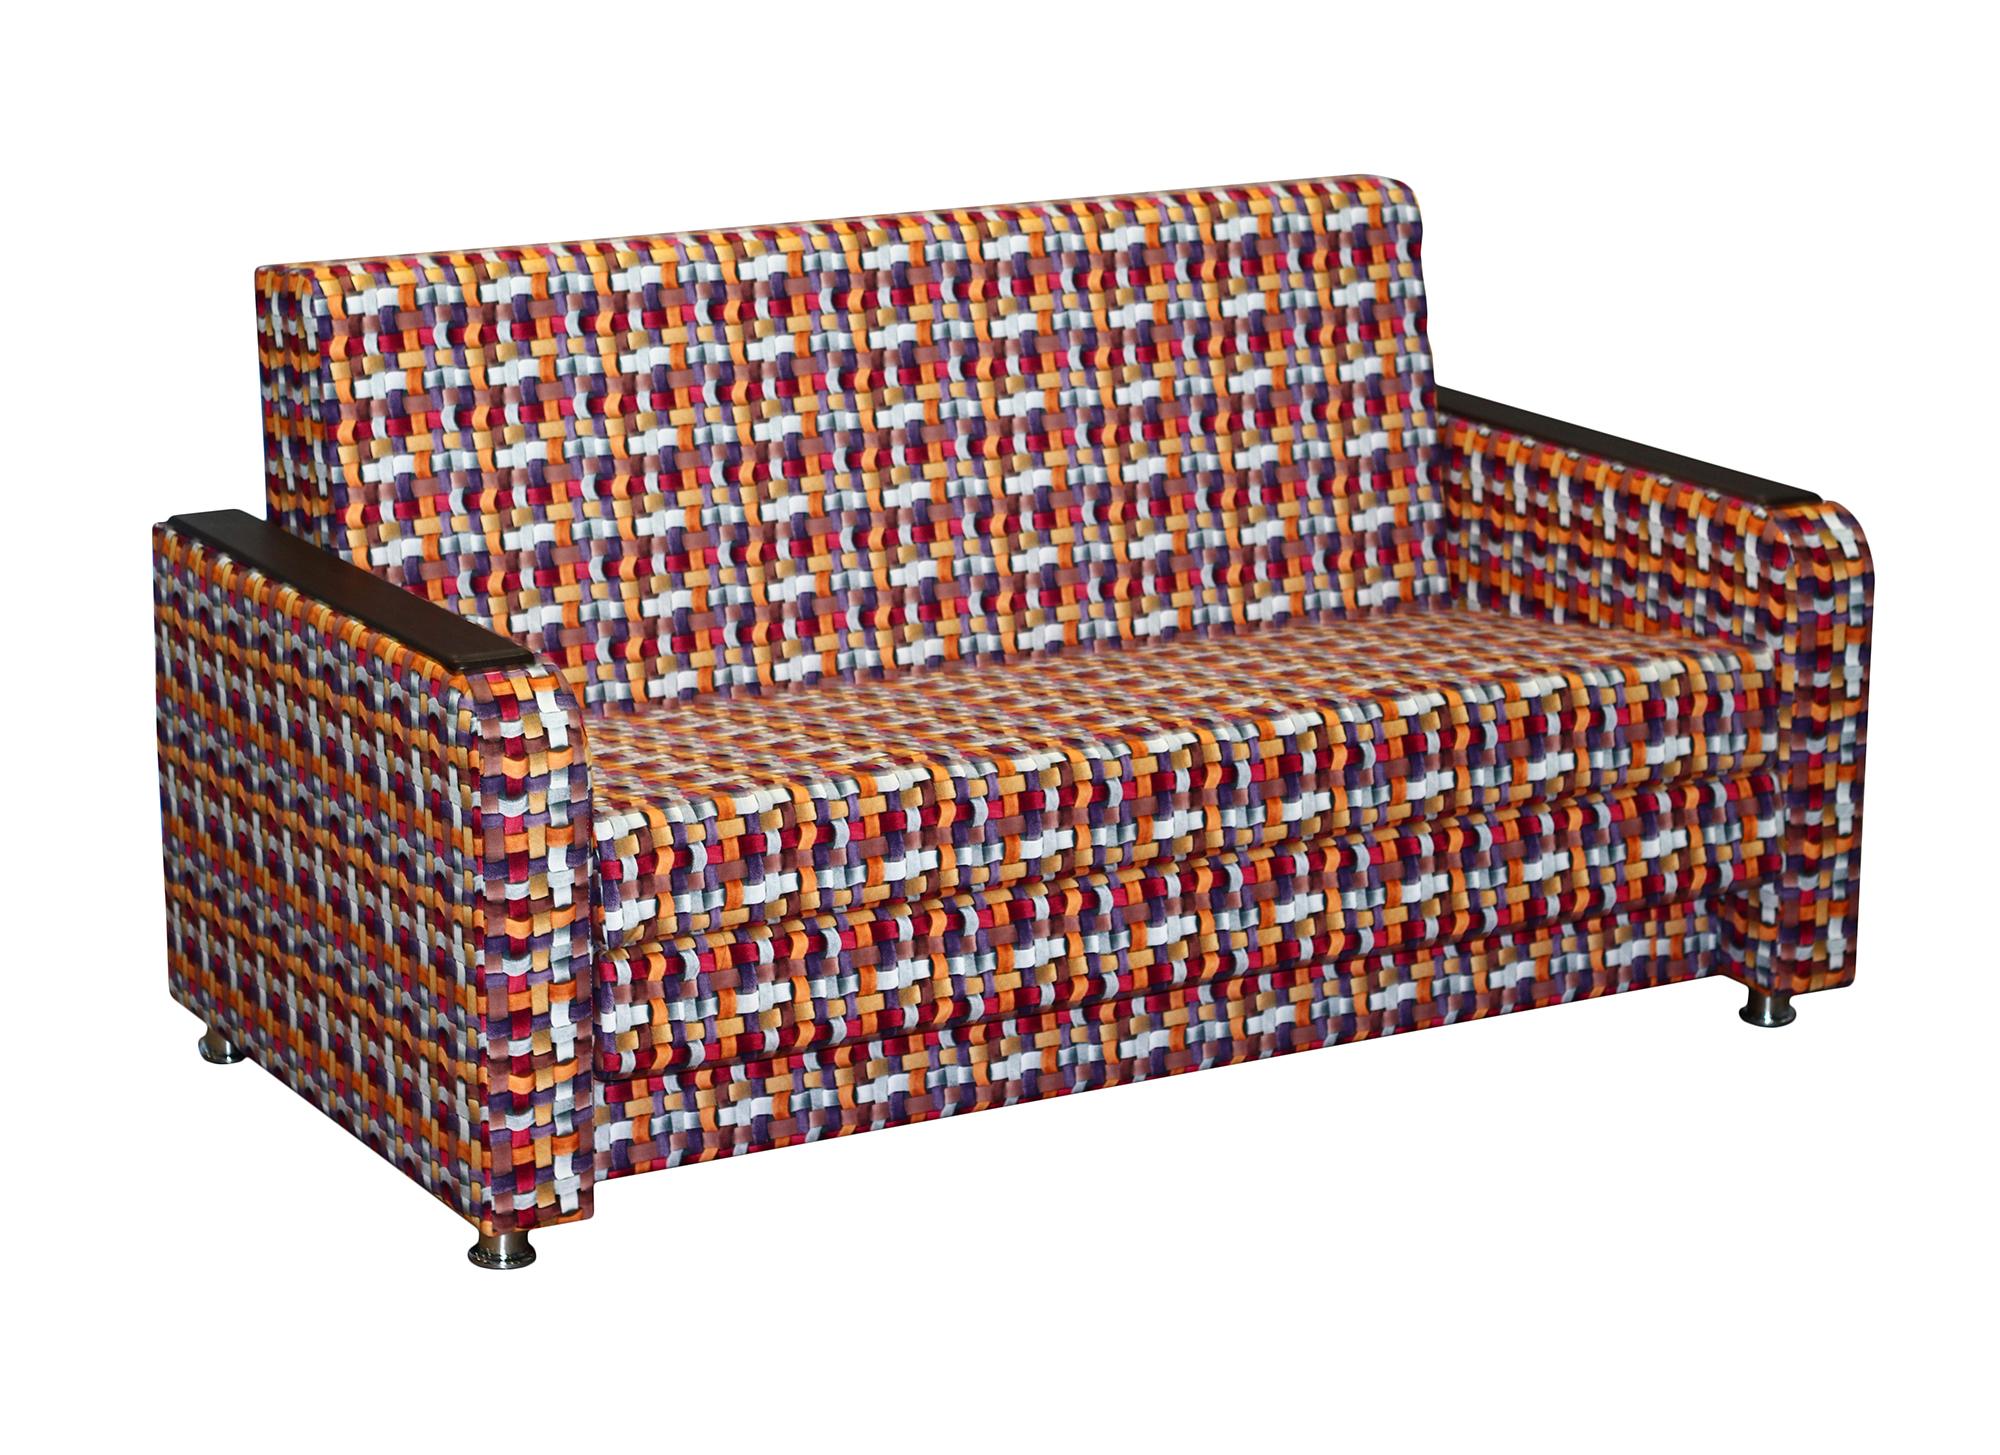 Диван Гармония-2 шатура диван аккорд экокожа коричневый 2 подушки в подарок